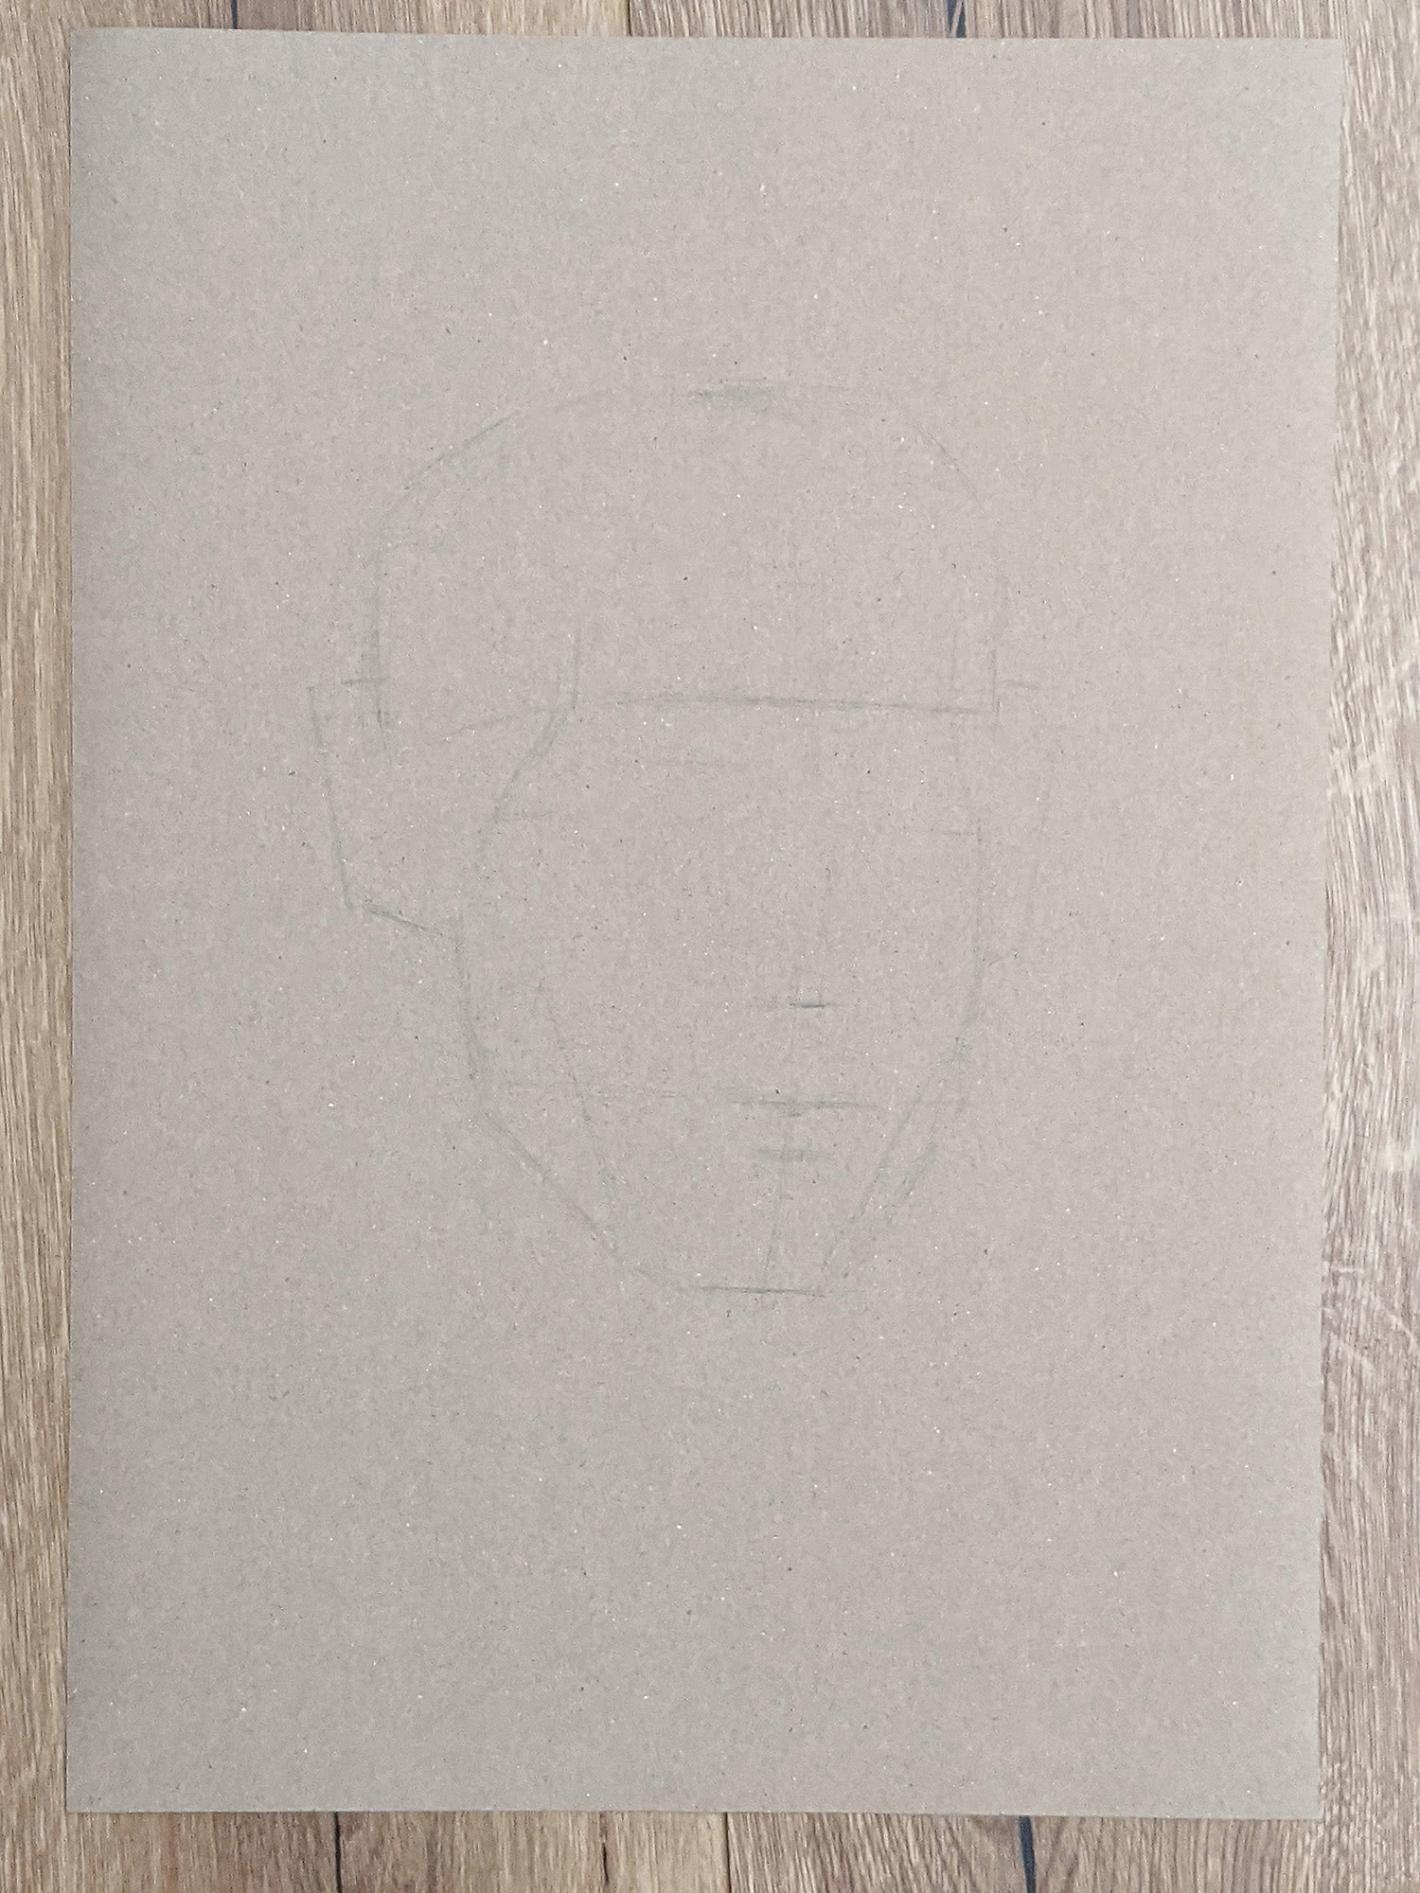 Portraitzeichnung 14.05